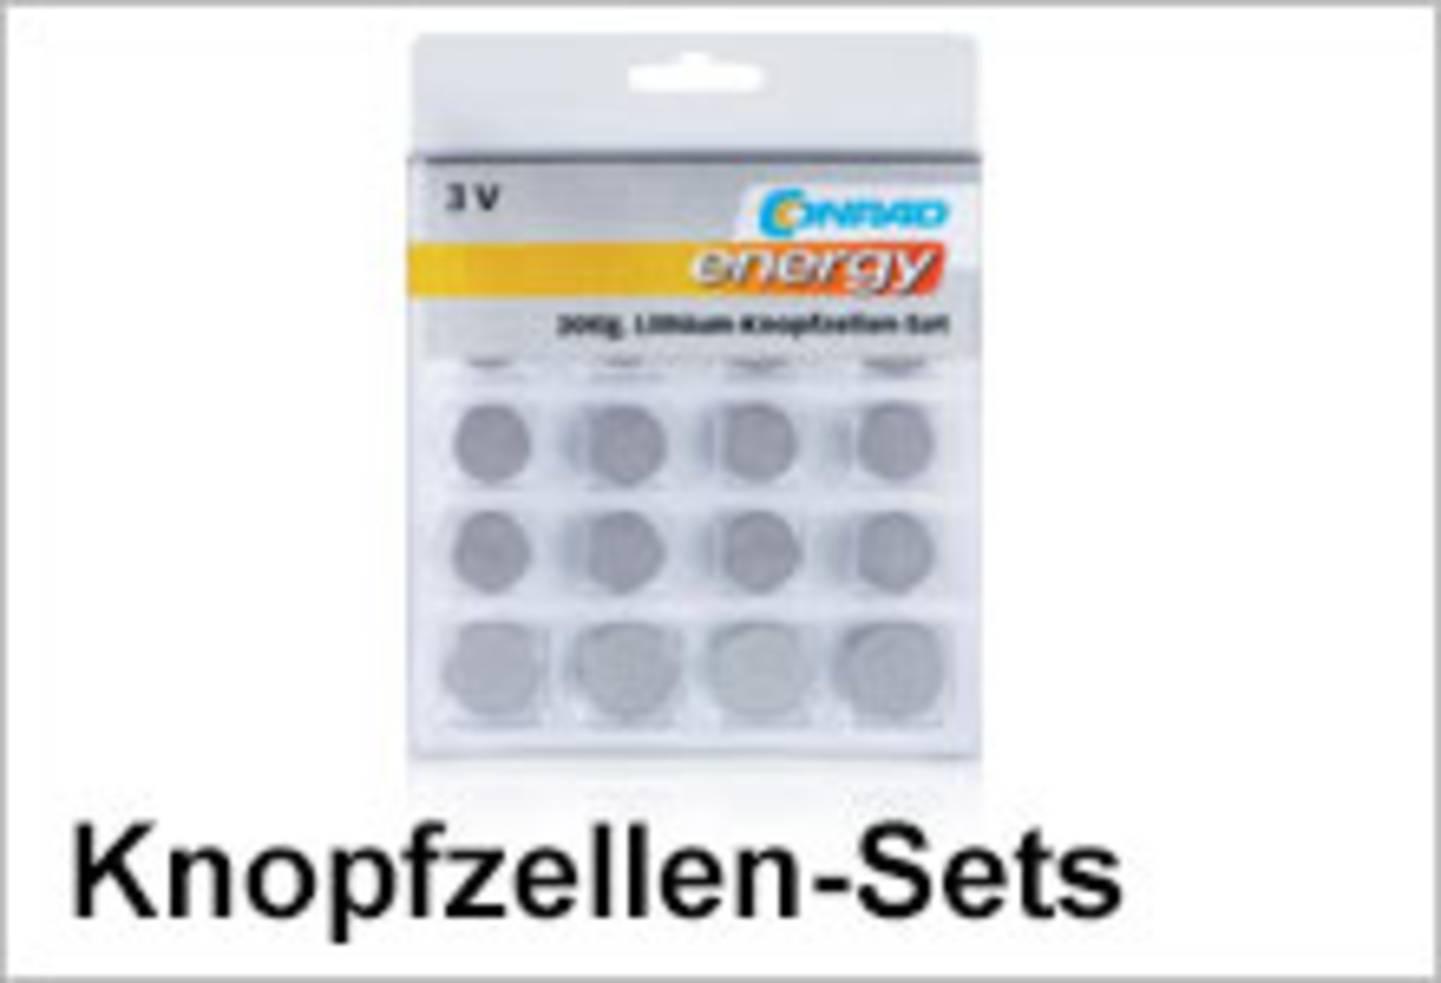 Conrad Energy Knopfzellen-Sets